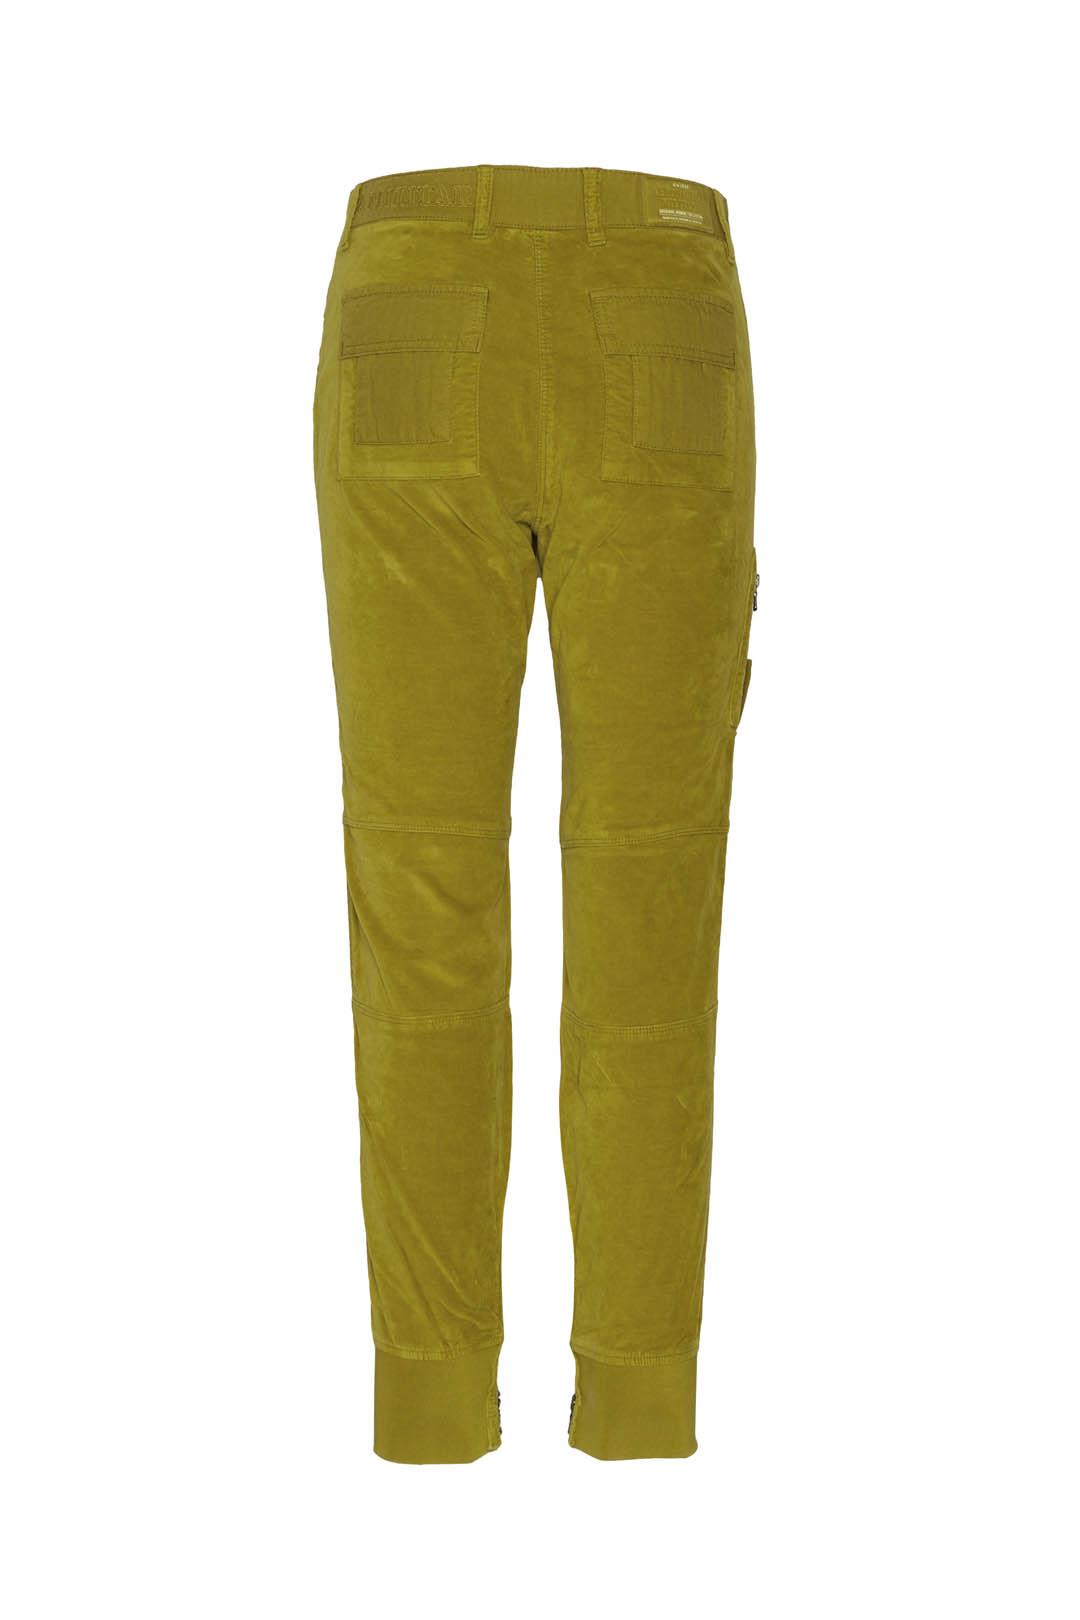 Pantalon Anti-G en velours et ripstop    2